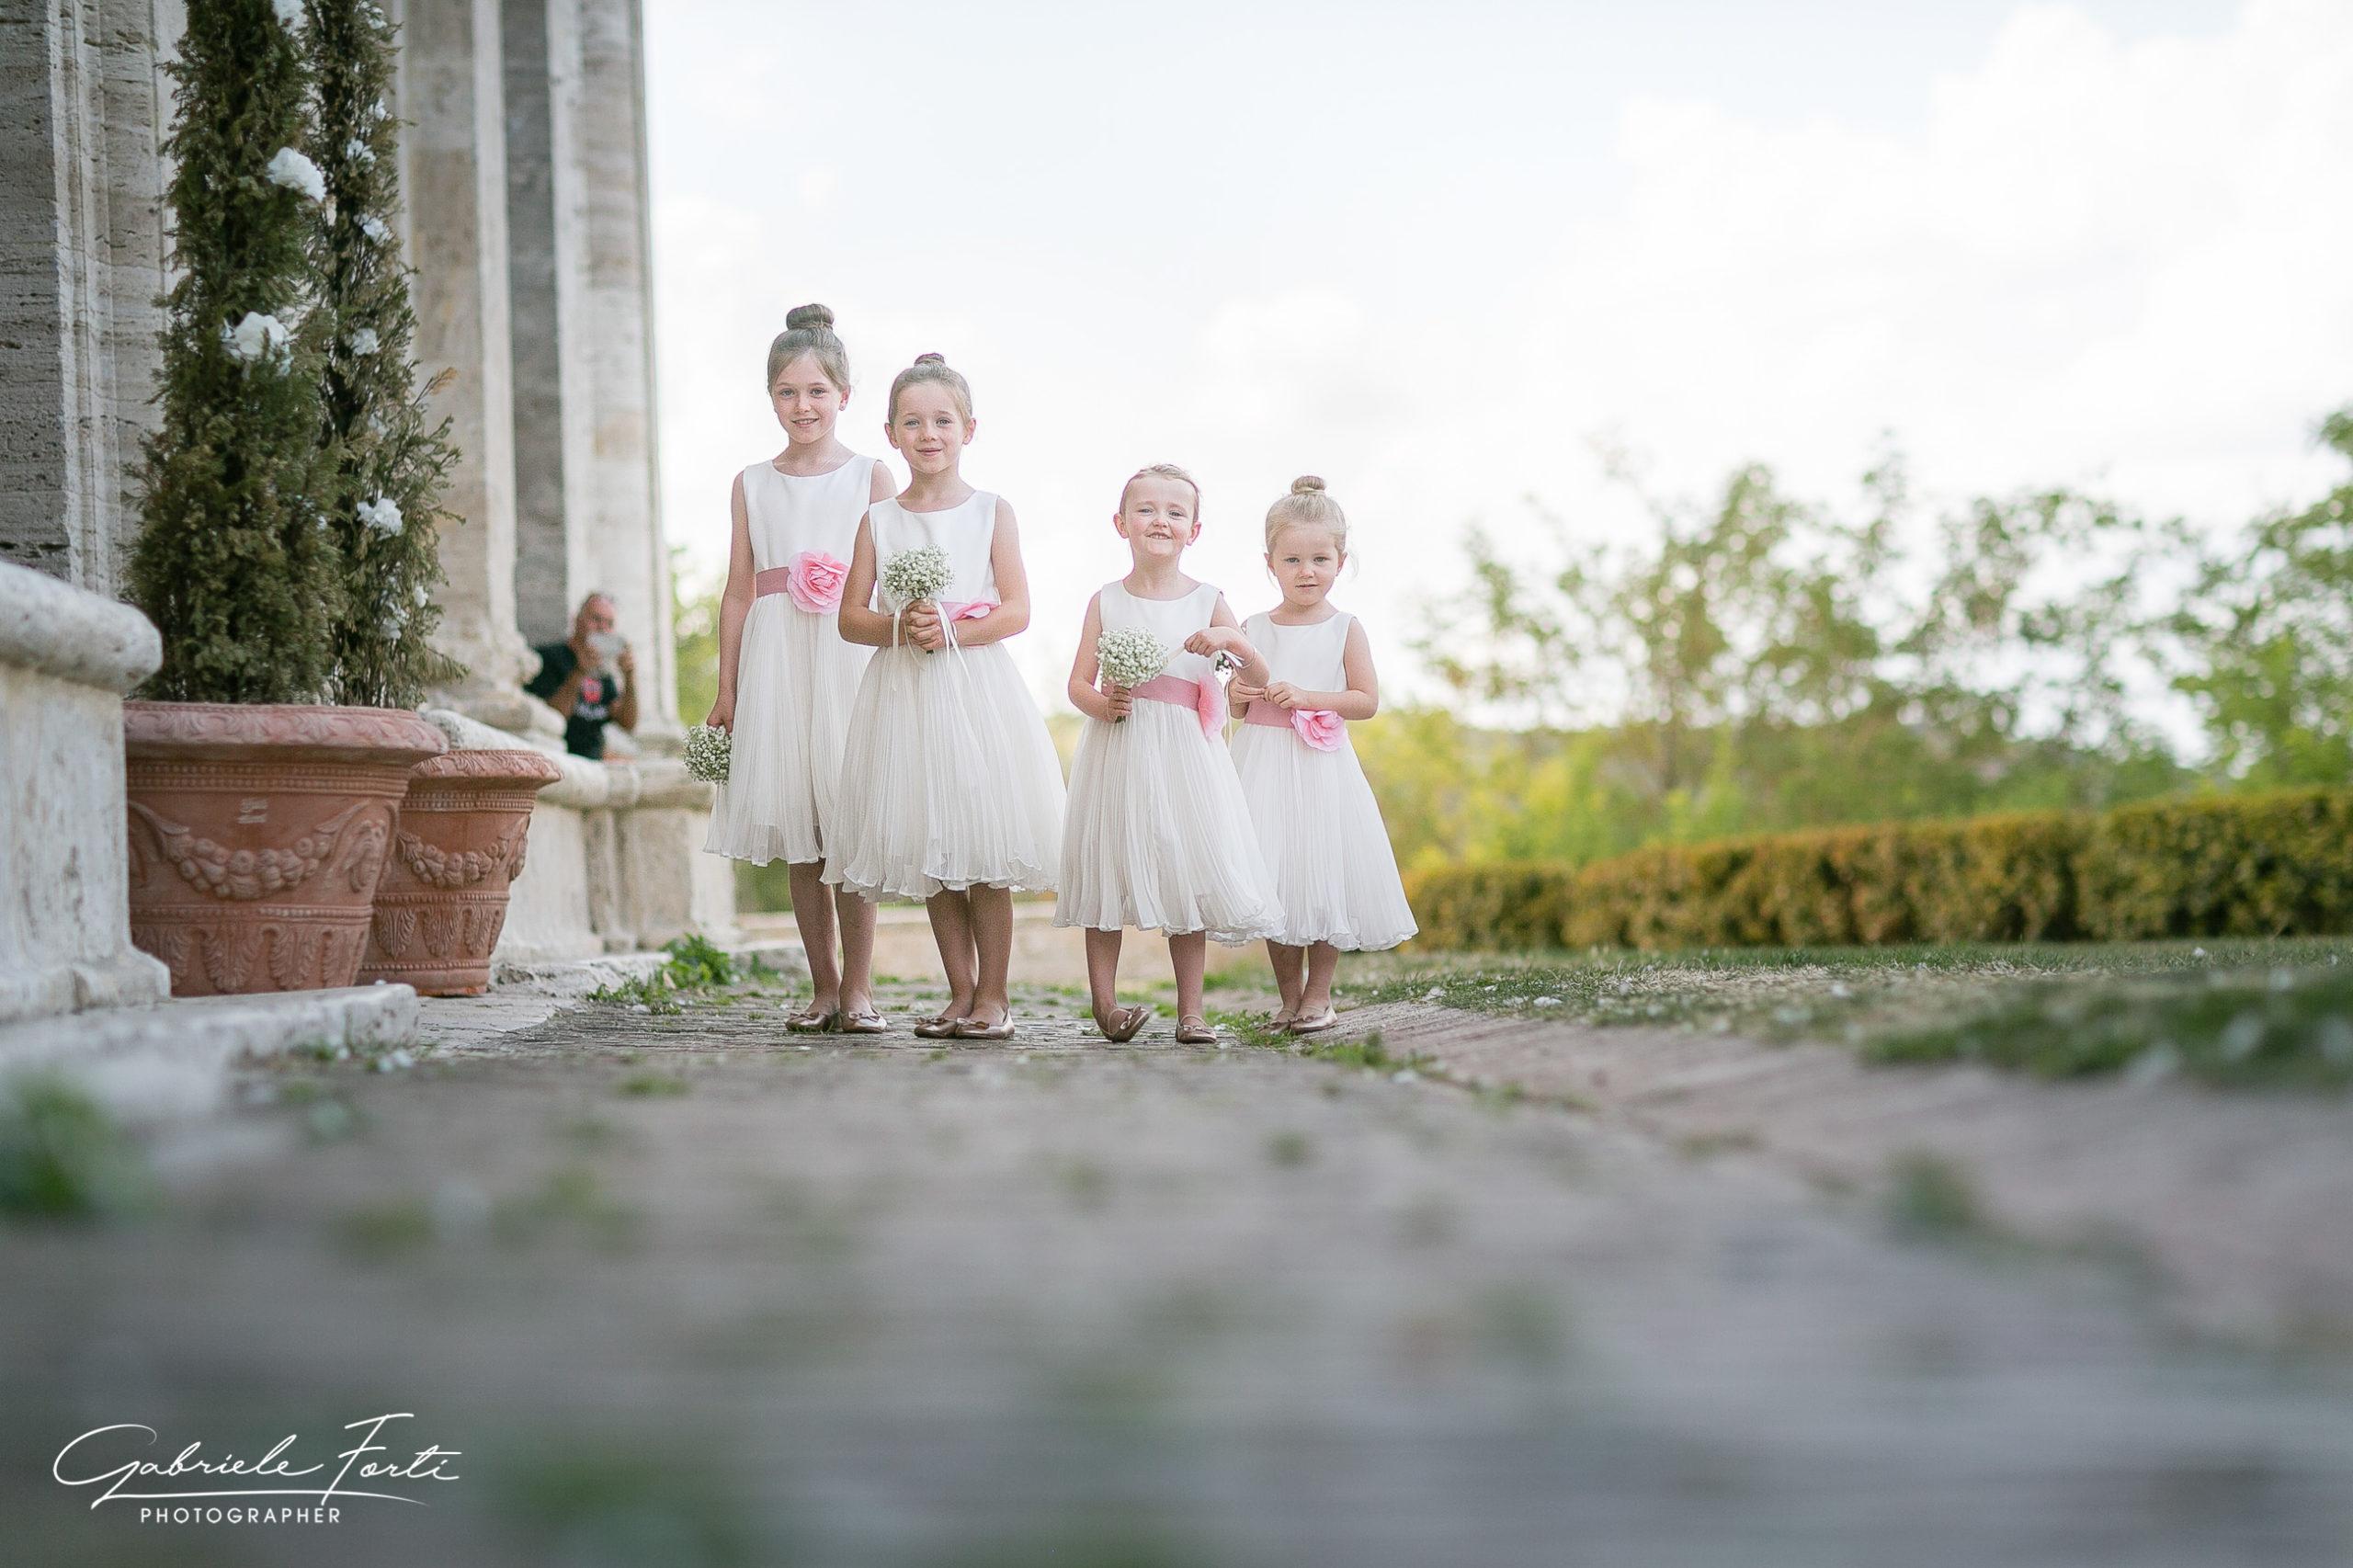 borgo-tre-rose-reportage-photographer-montepulciano-san-biagio-foto-fotografo-forti-3